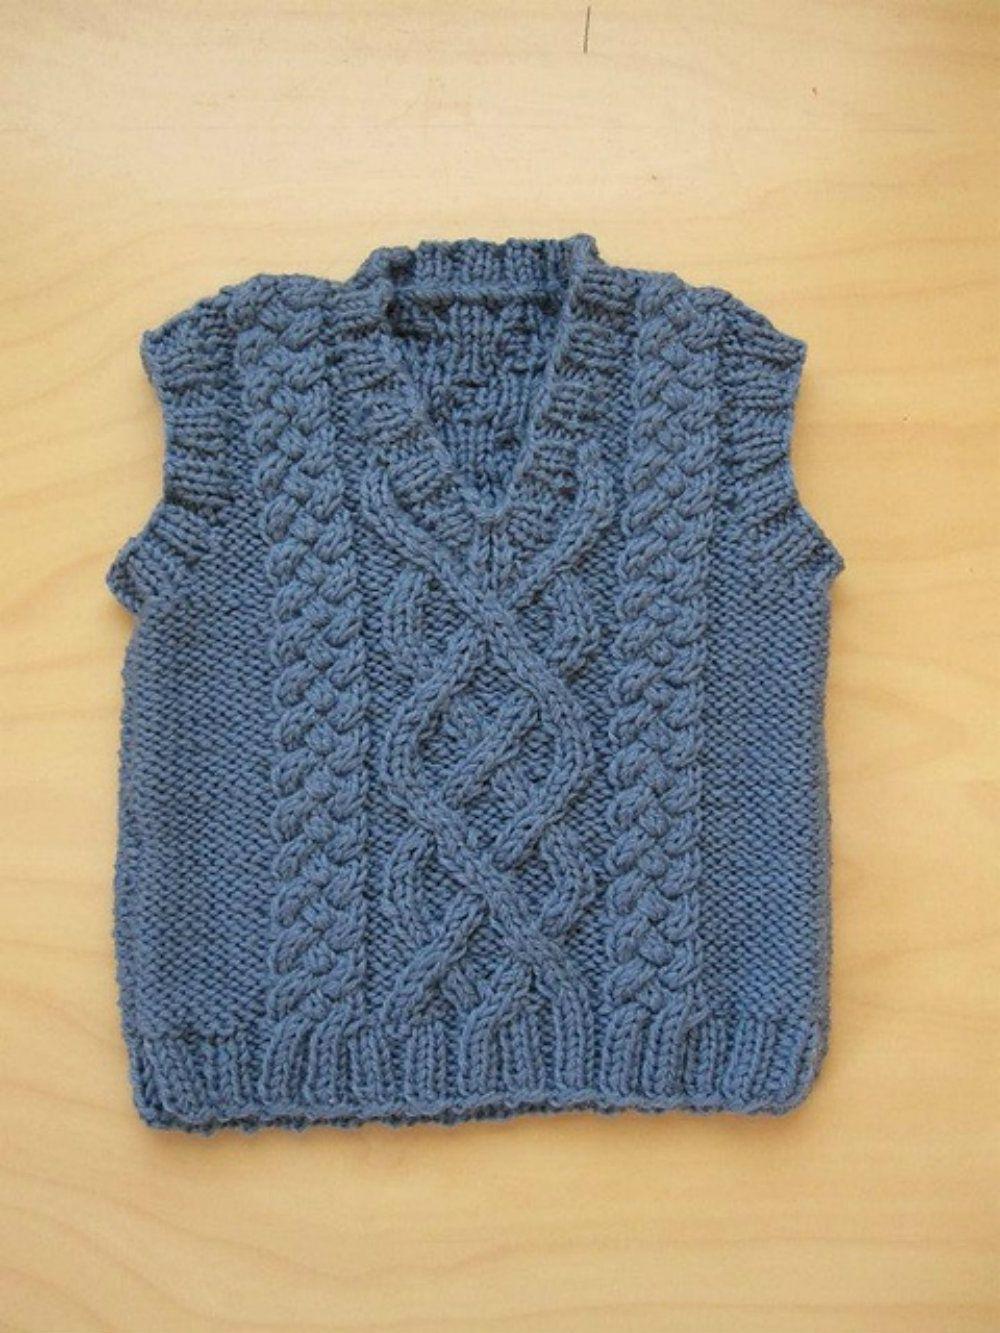 Free knitting pattern basic stockinette stitch hat knitting bankloansurffo Choice Image